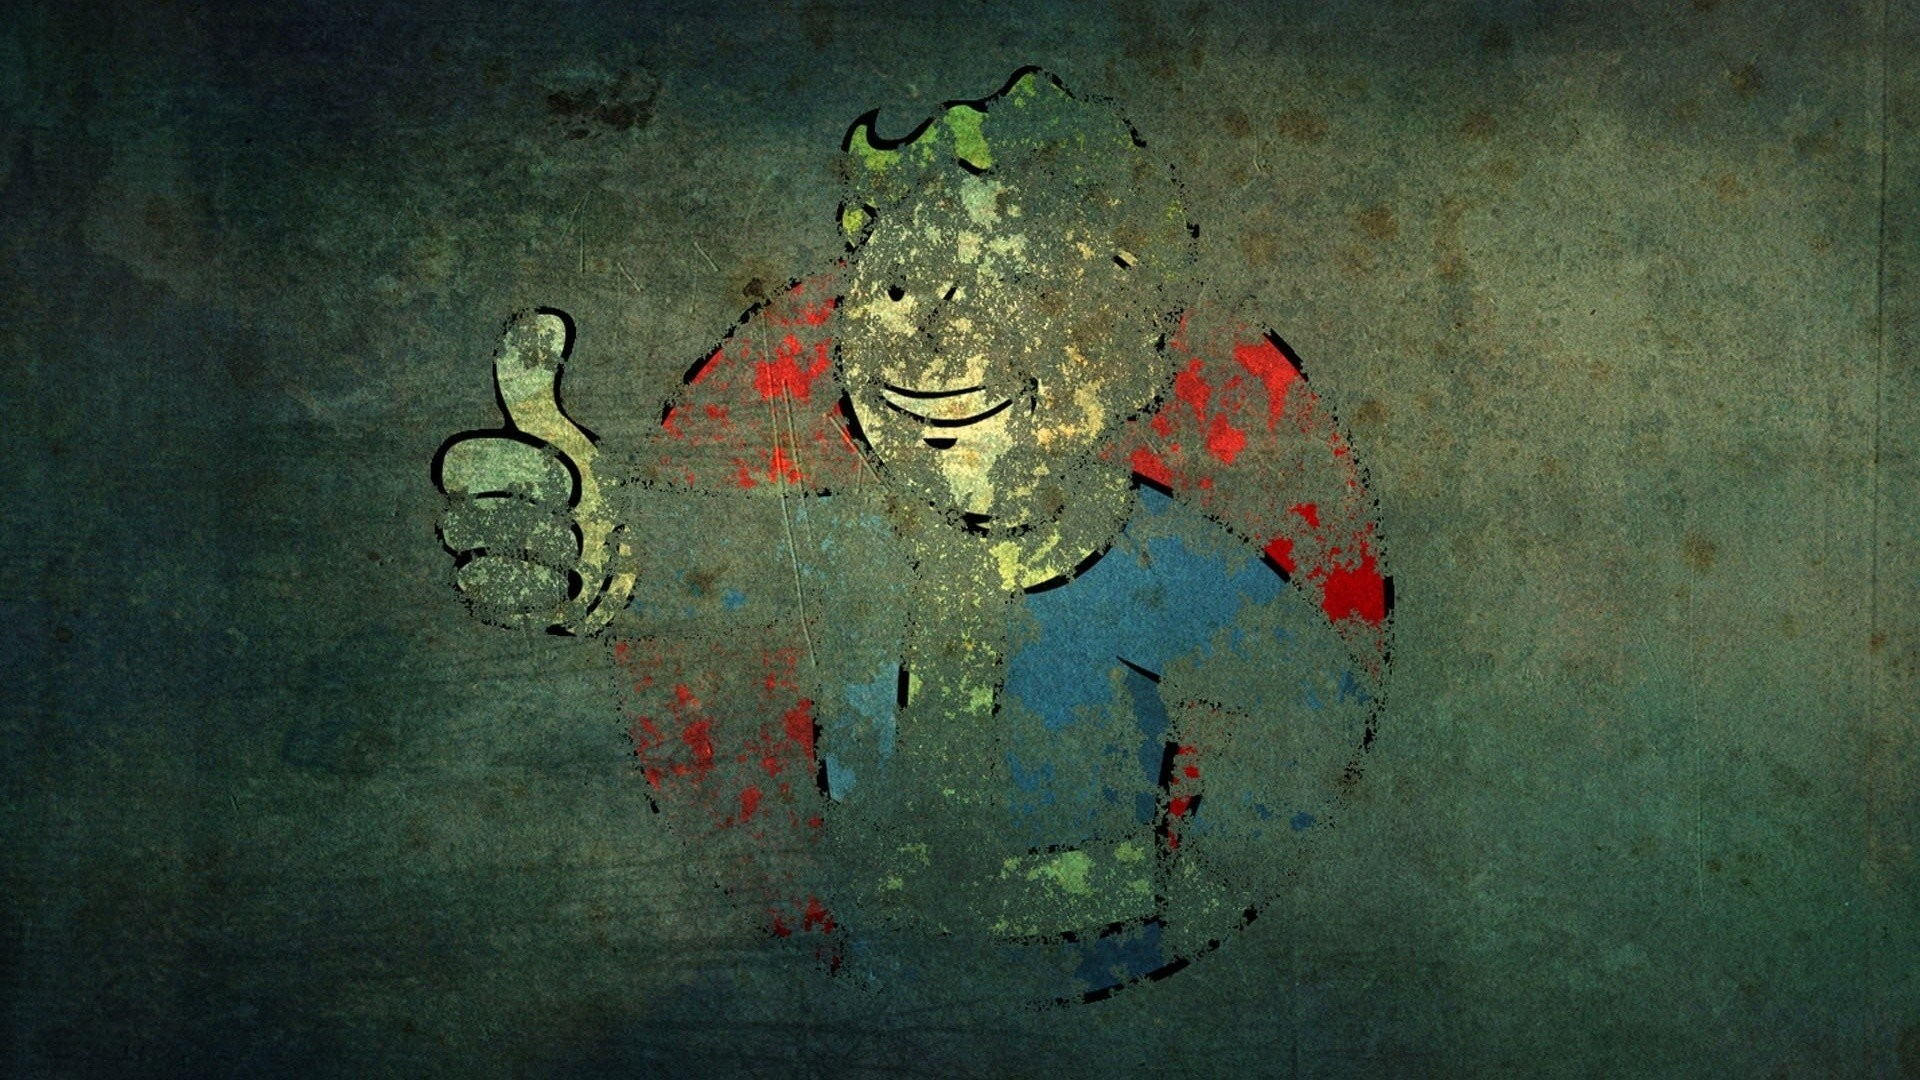 Video games Fallout grunge Vault Boy wallpaper     341067    WallpaperUP